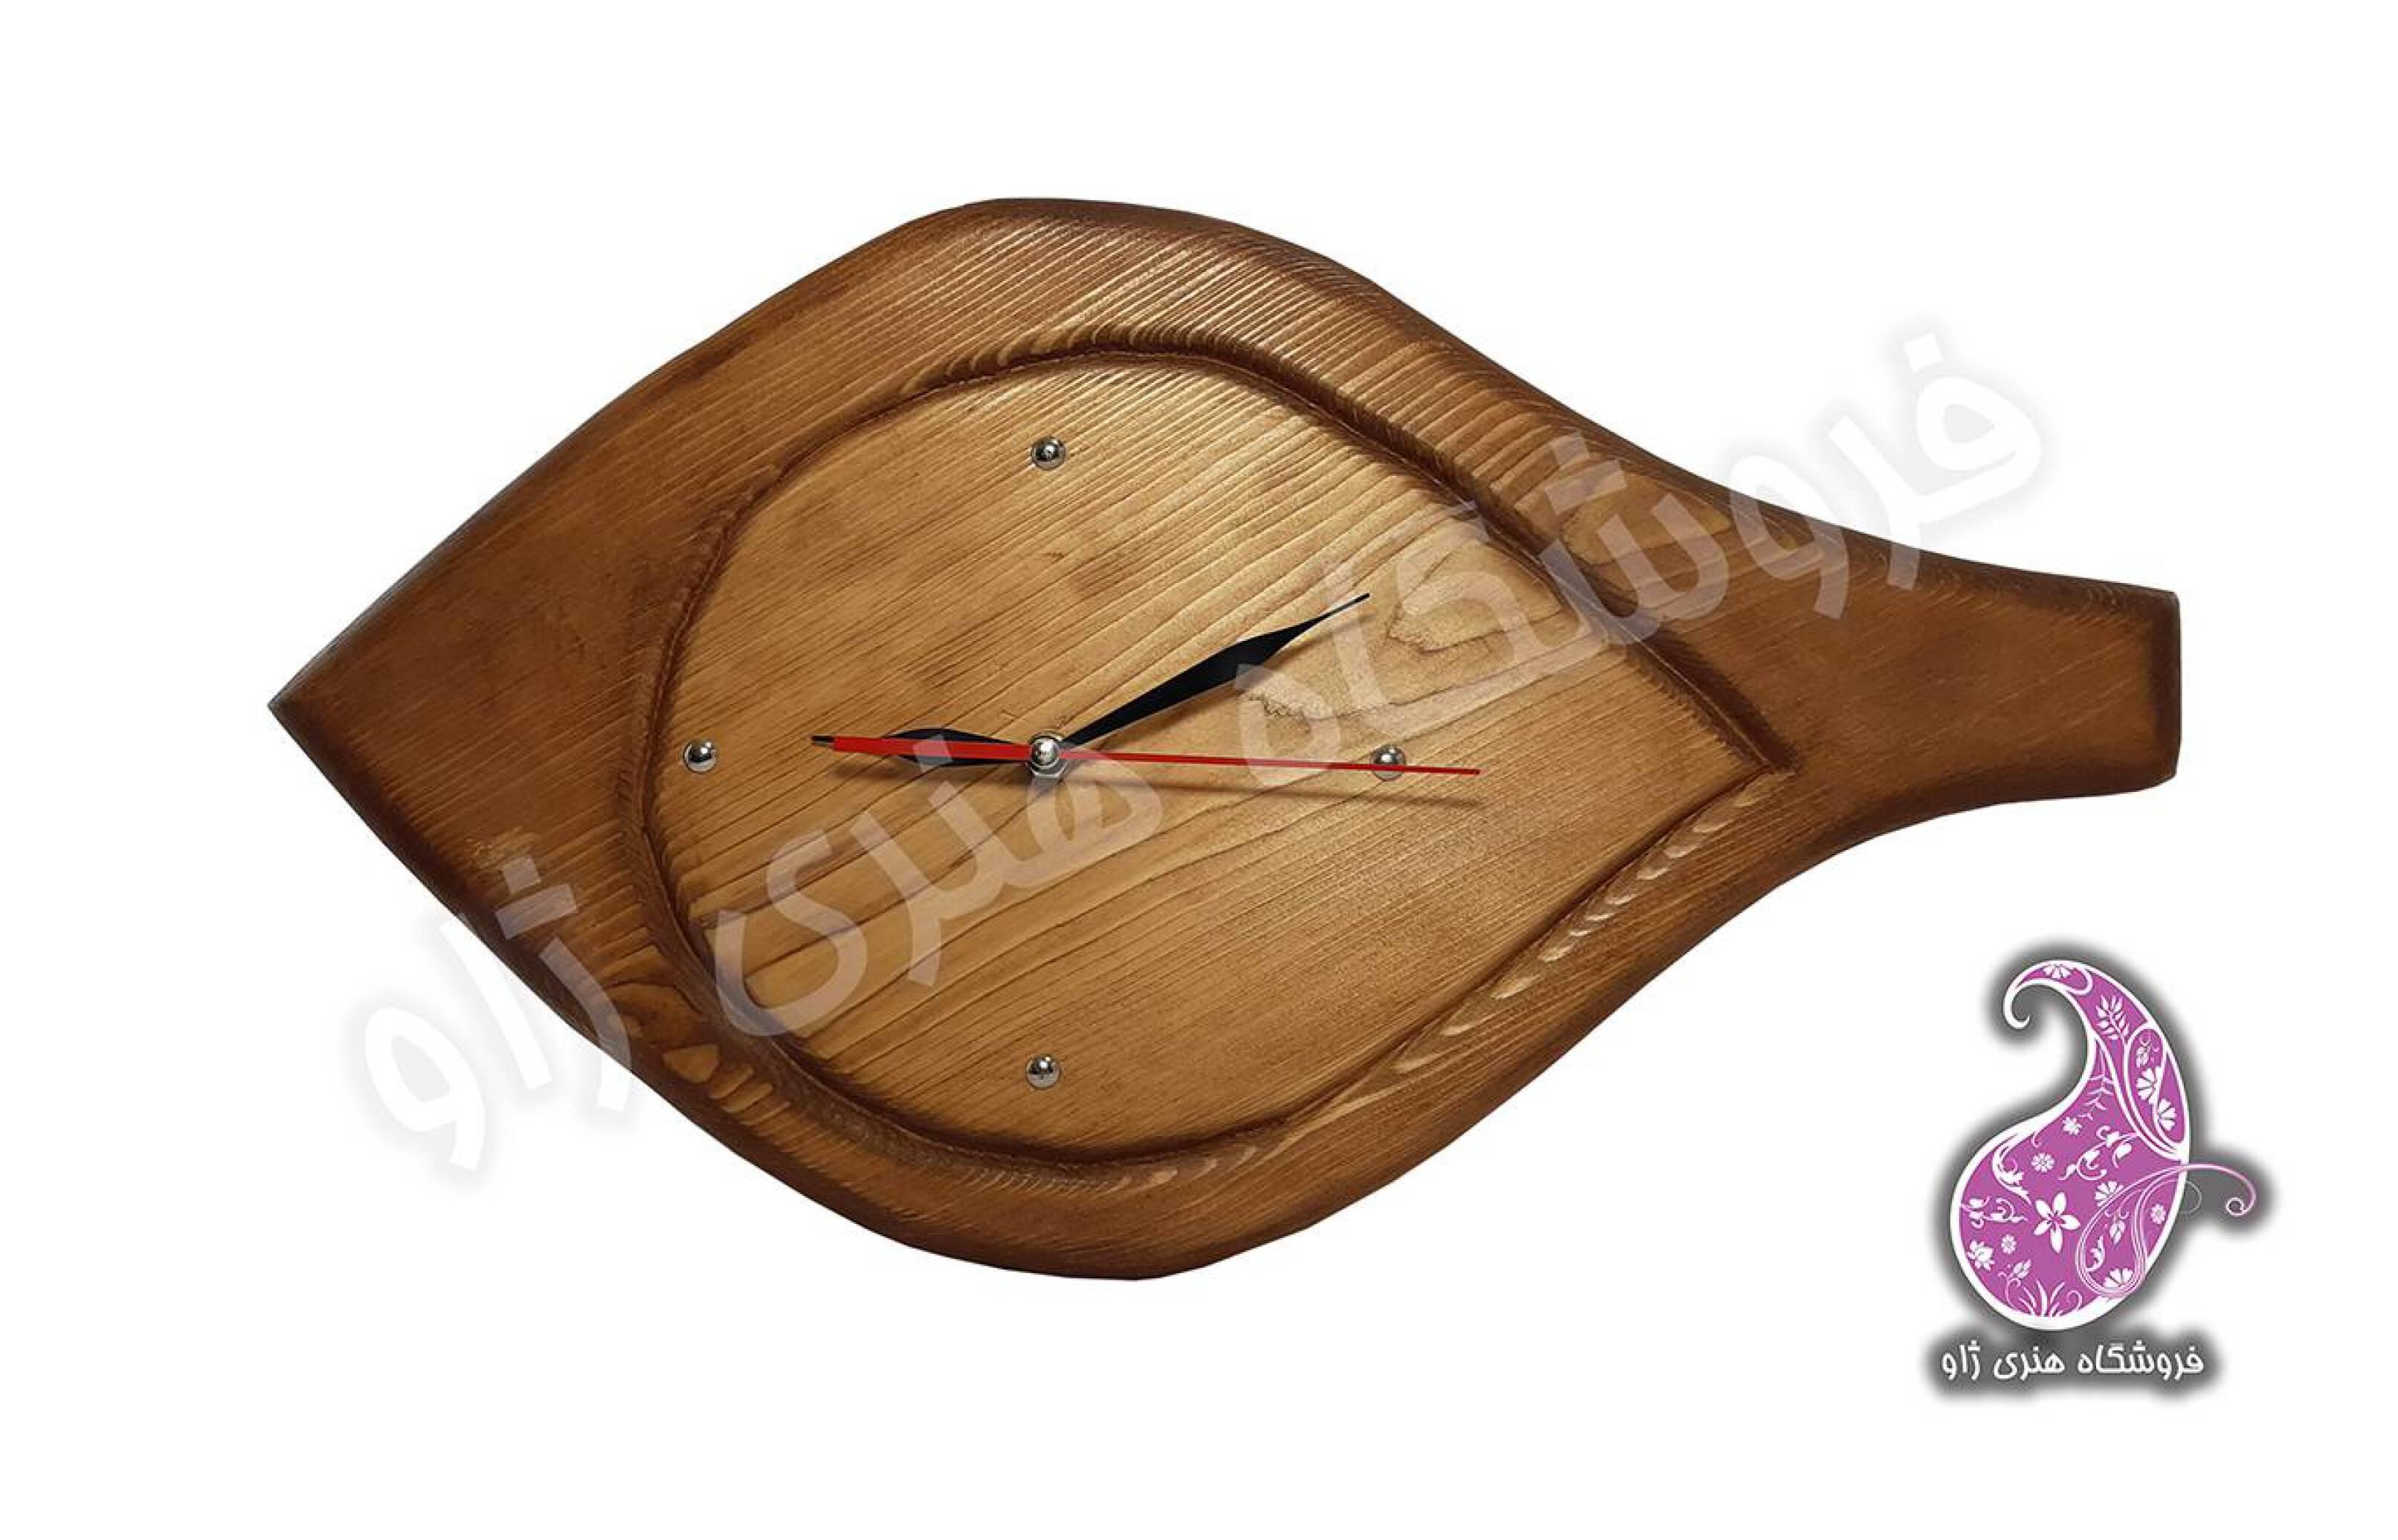 ساعت چوبی دستساز